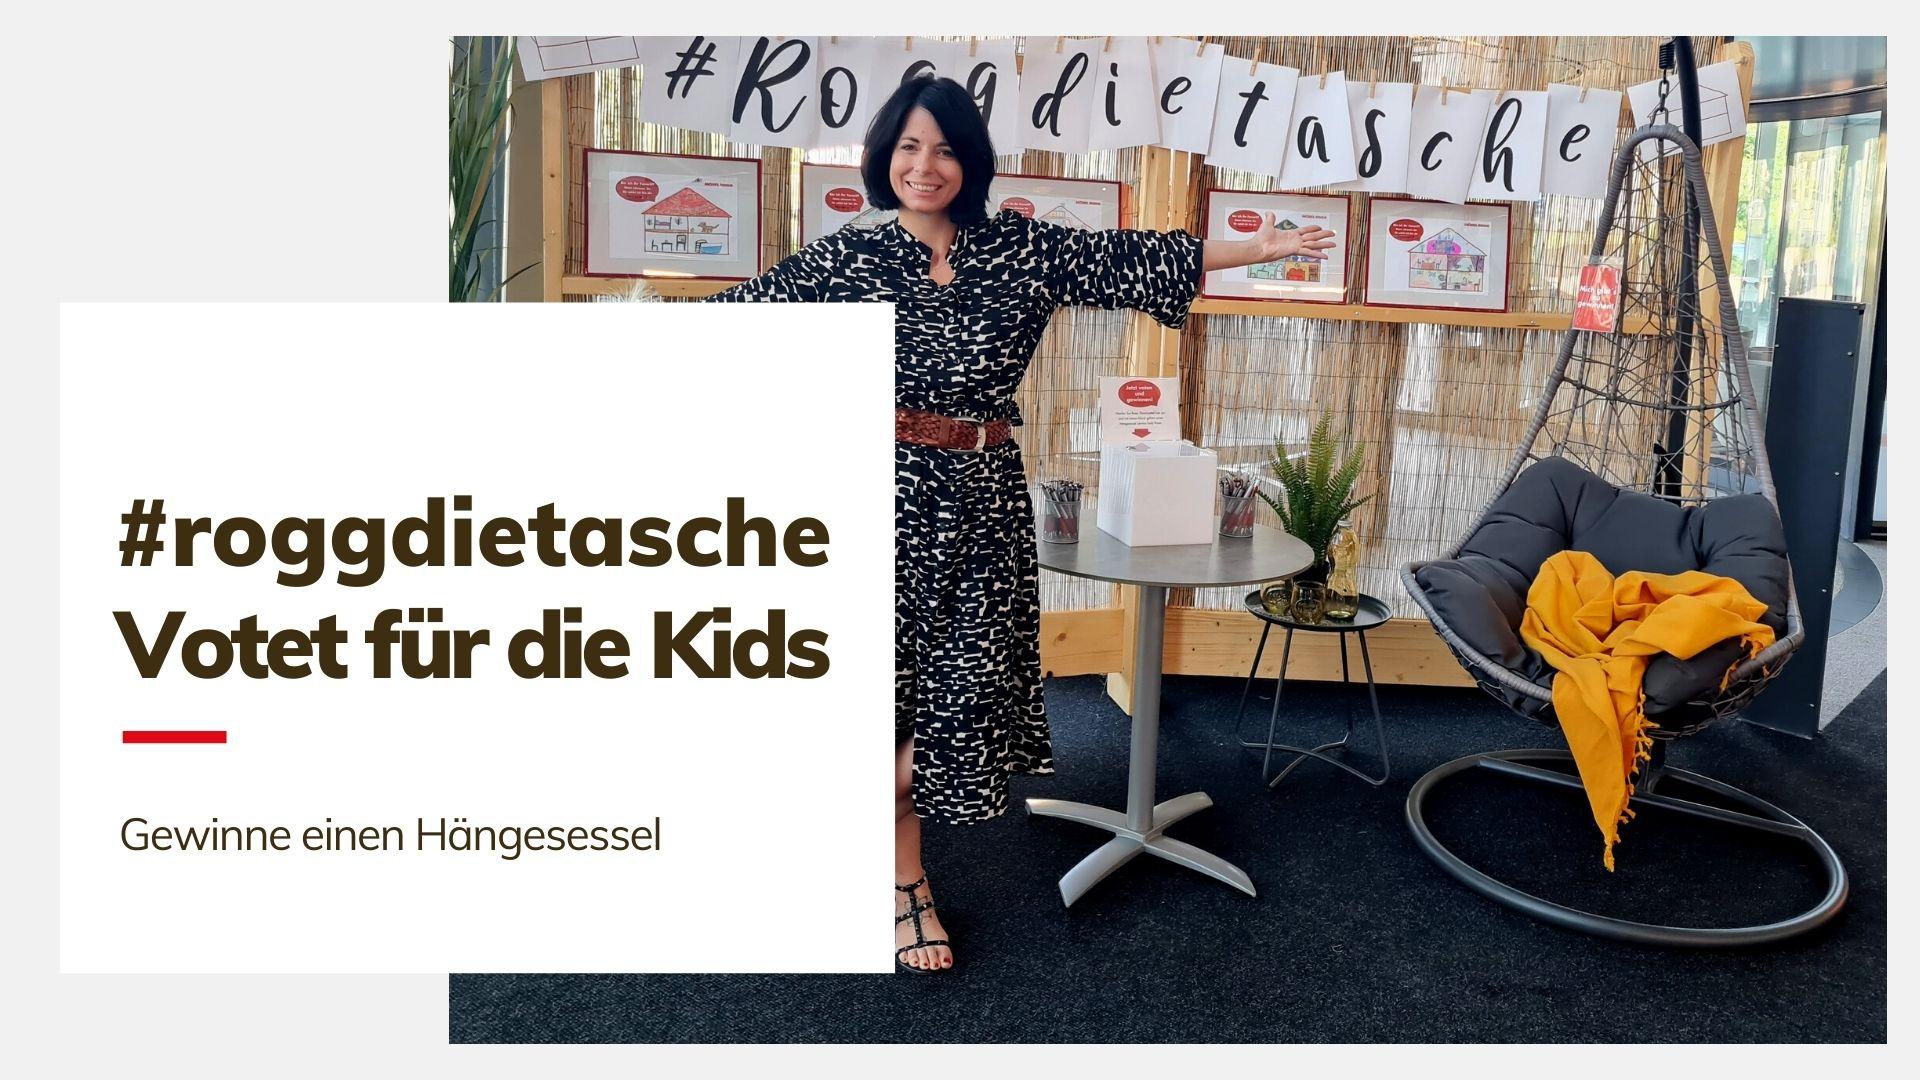 #roggdietasche Voting #imländle